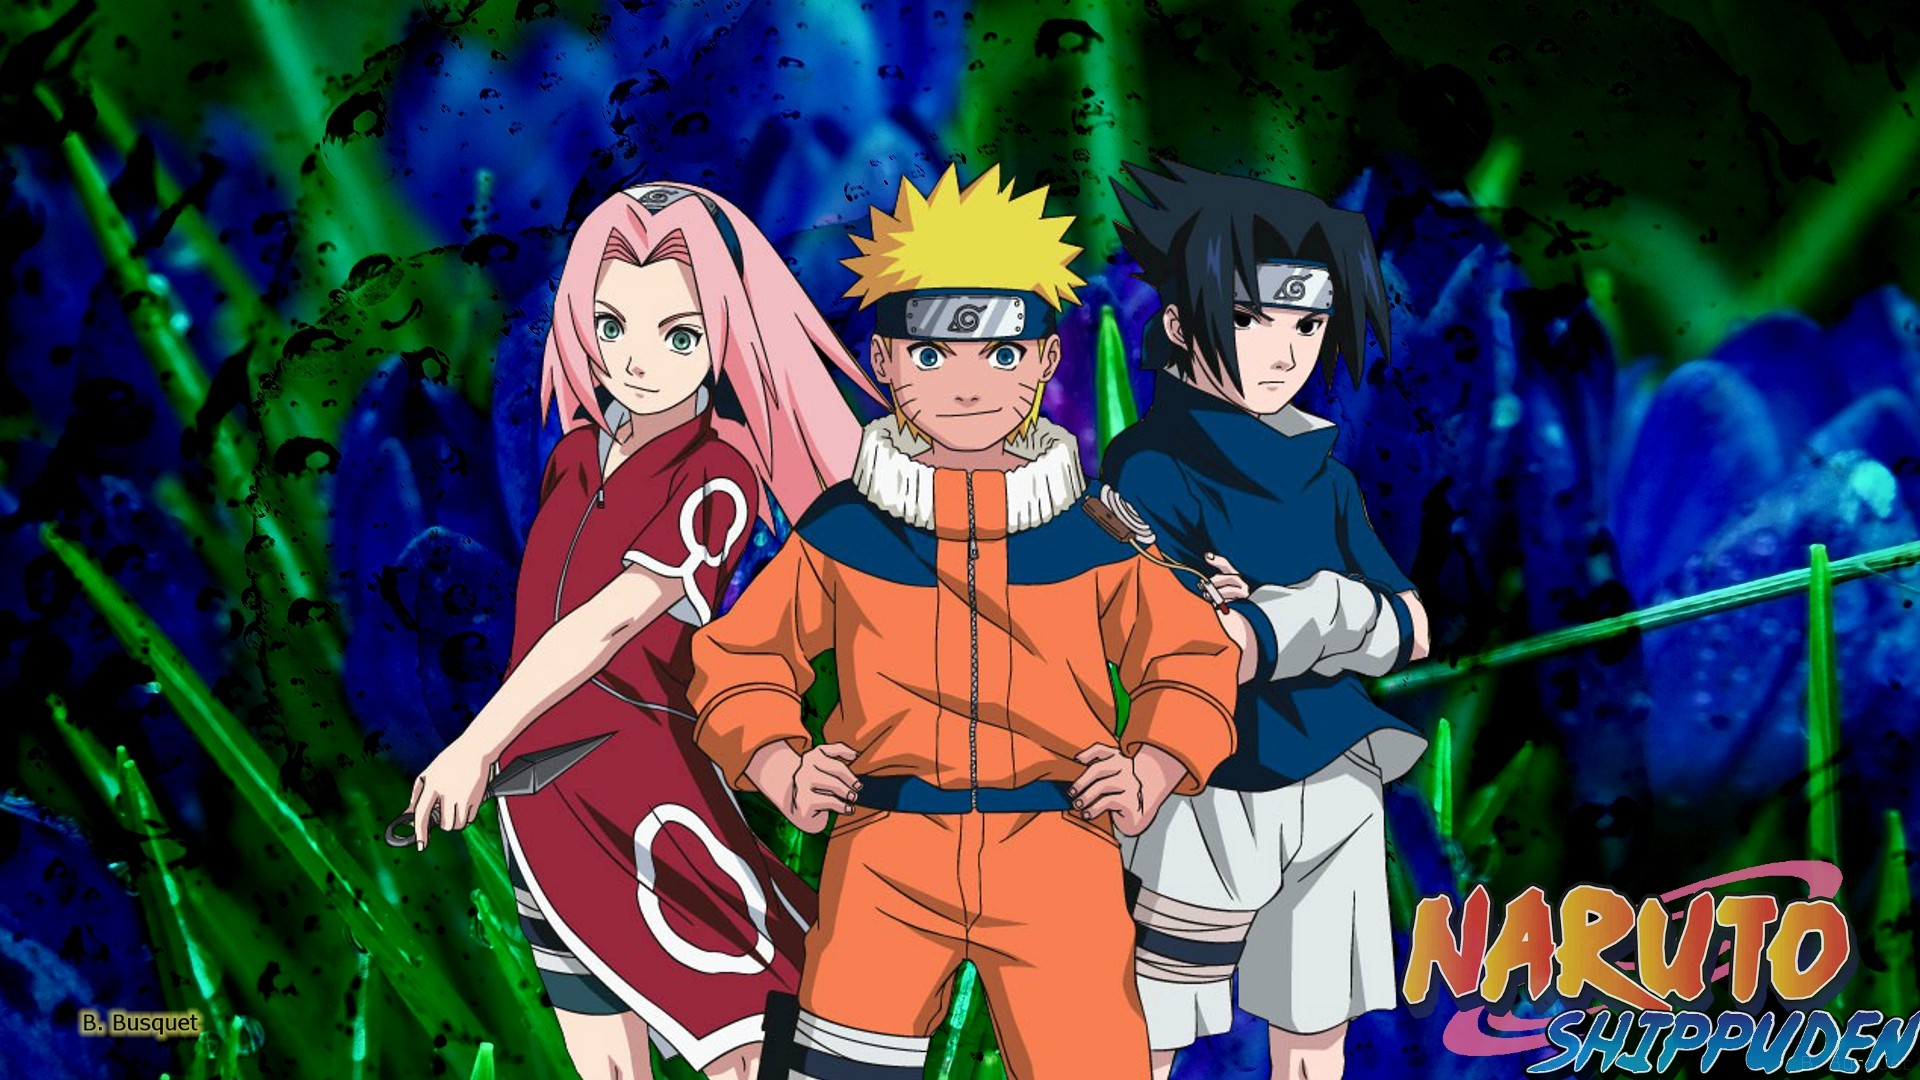 Naruto Shippuden wallpaper Sakura Naruto and Sasuke 1